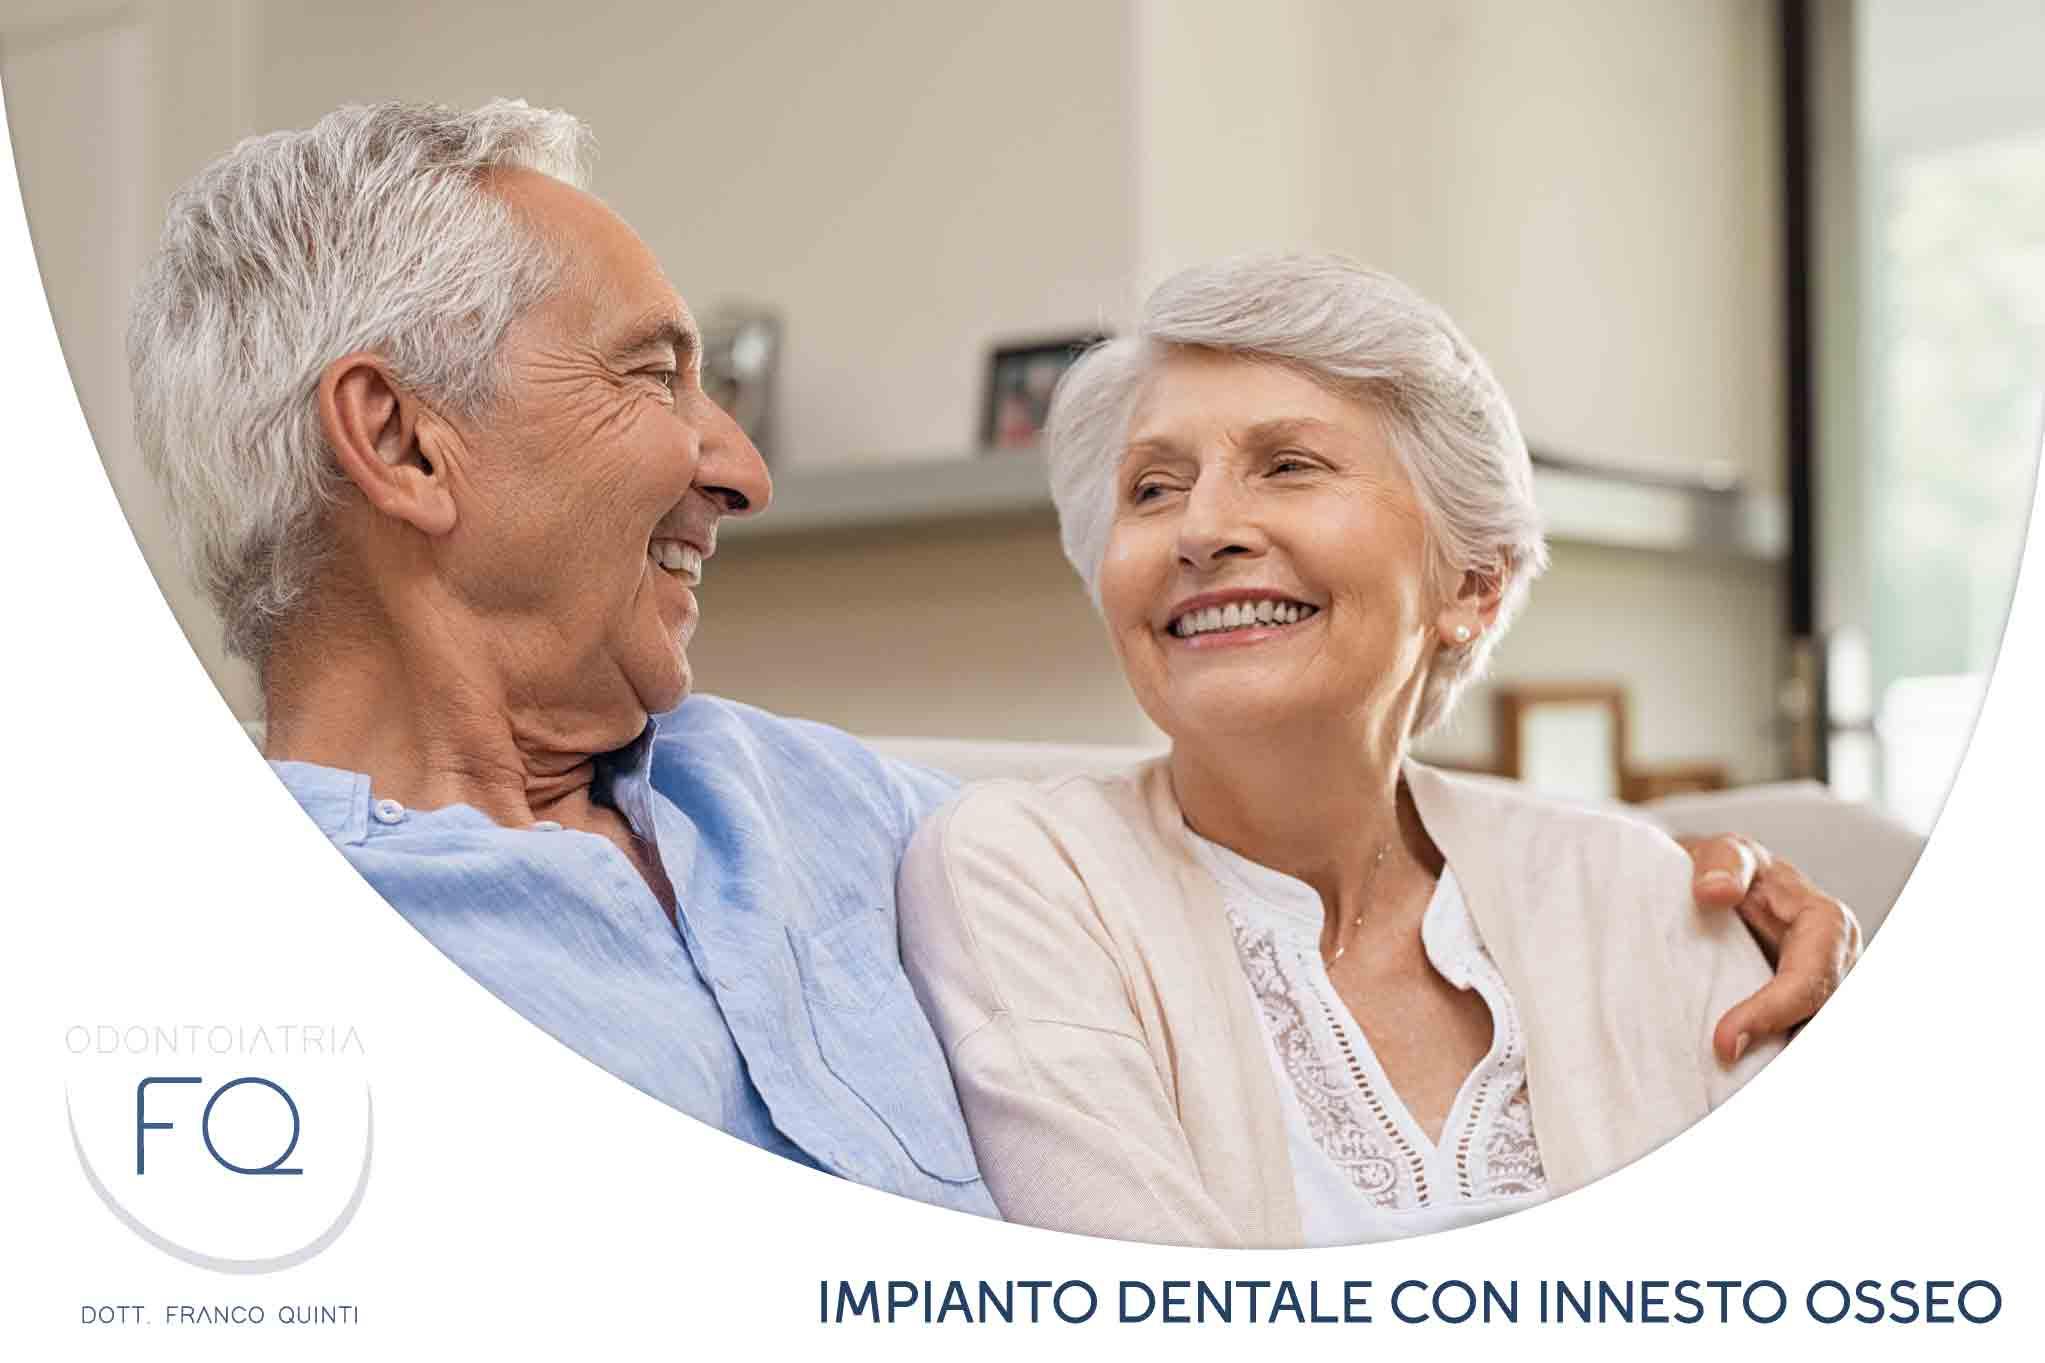 16_OdontoiatriaFQ_Settembre_2021_impianto-dentale-con-innesto-osseo